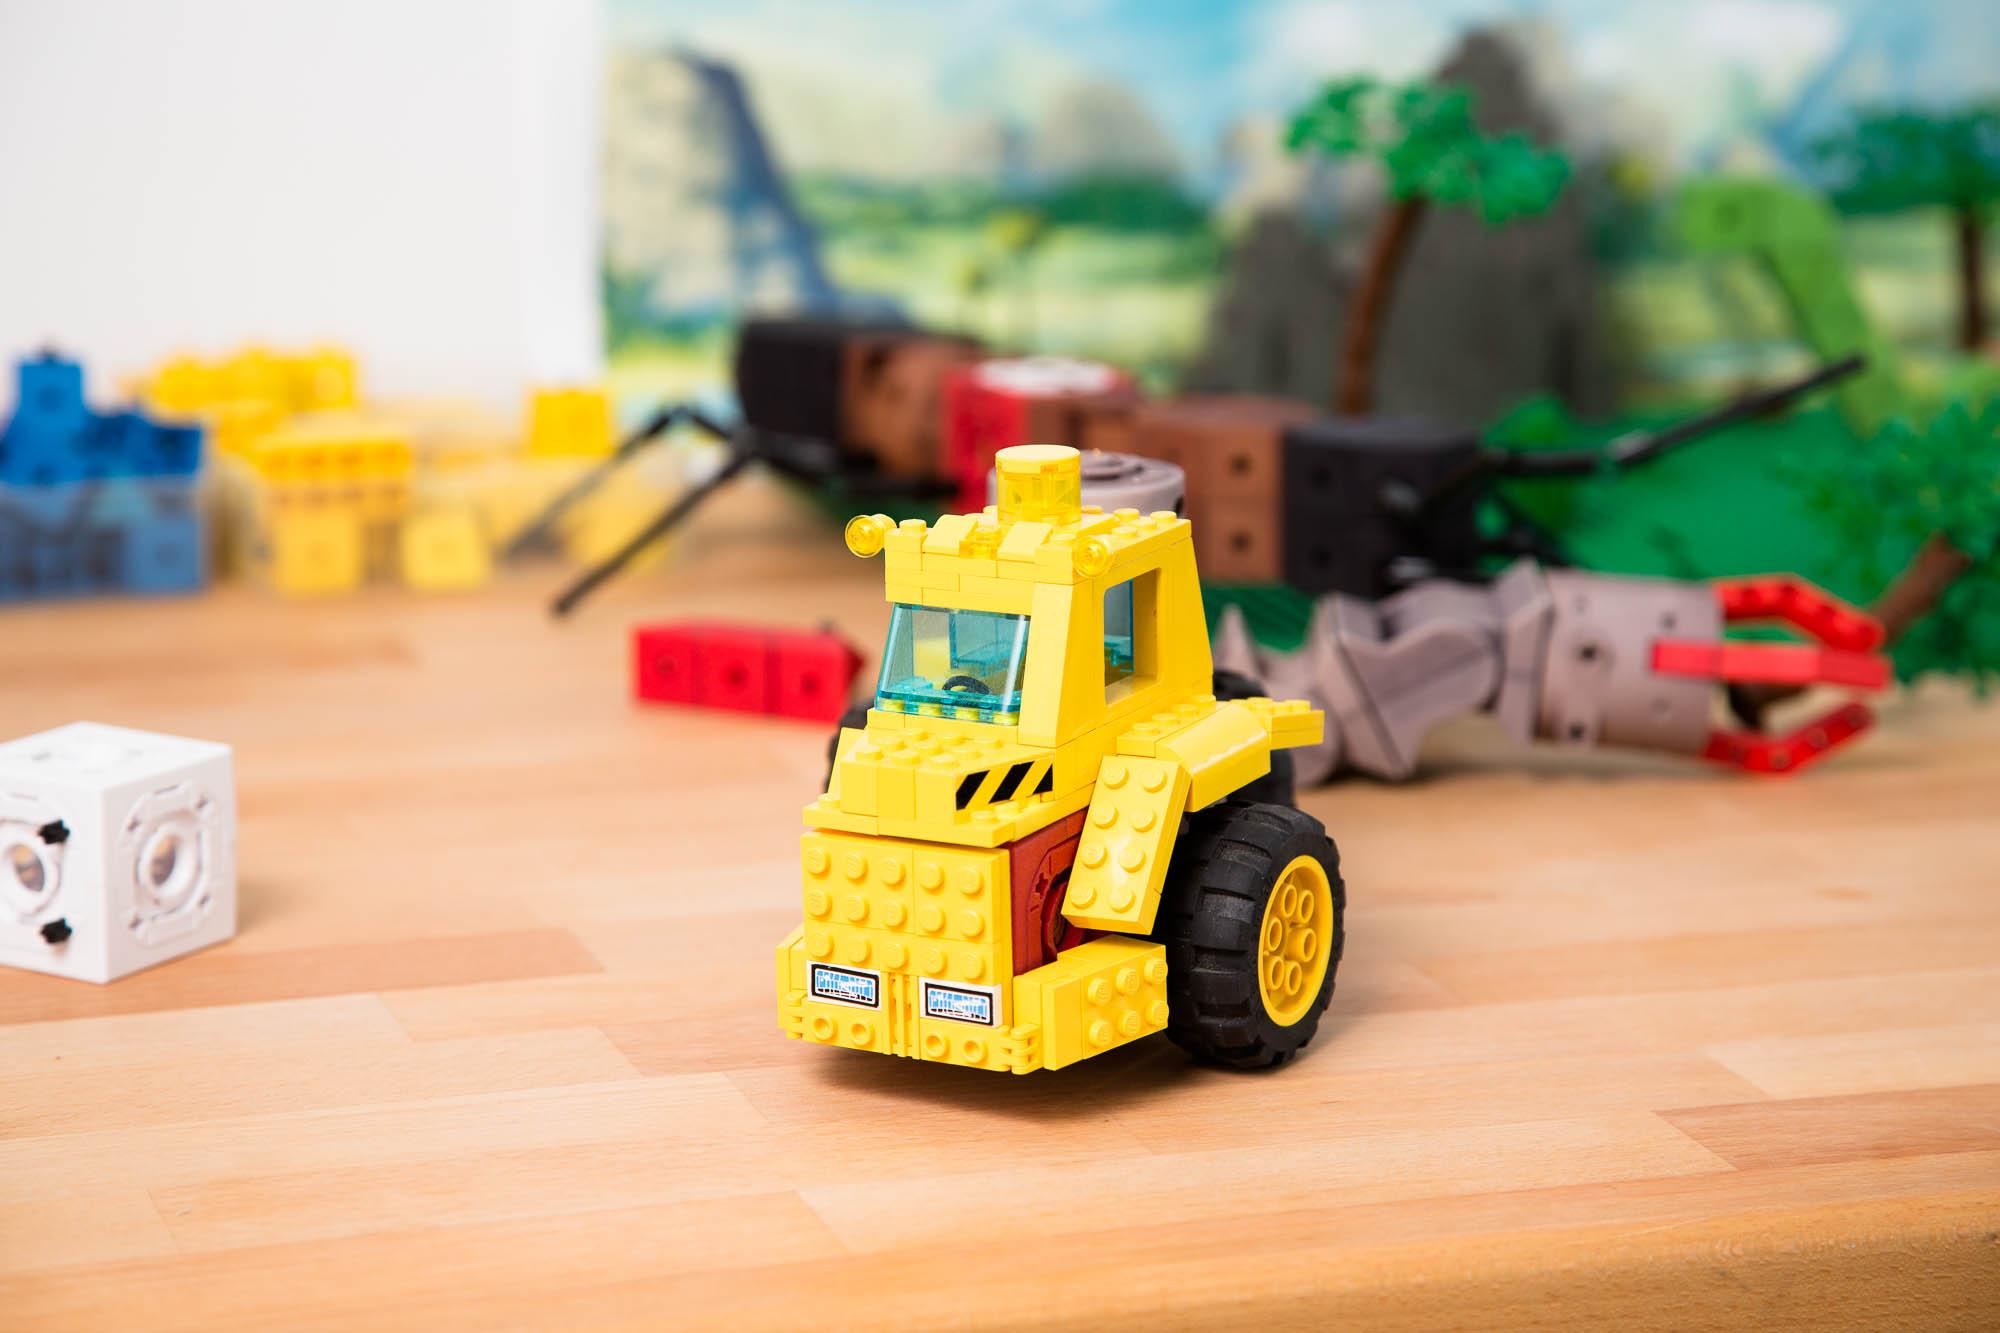 Tinkerbots: Roboter für kleine und große Kinder - Tinkerbots (Bild: Fabian Hamacher/Golem.de)